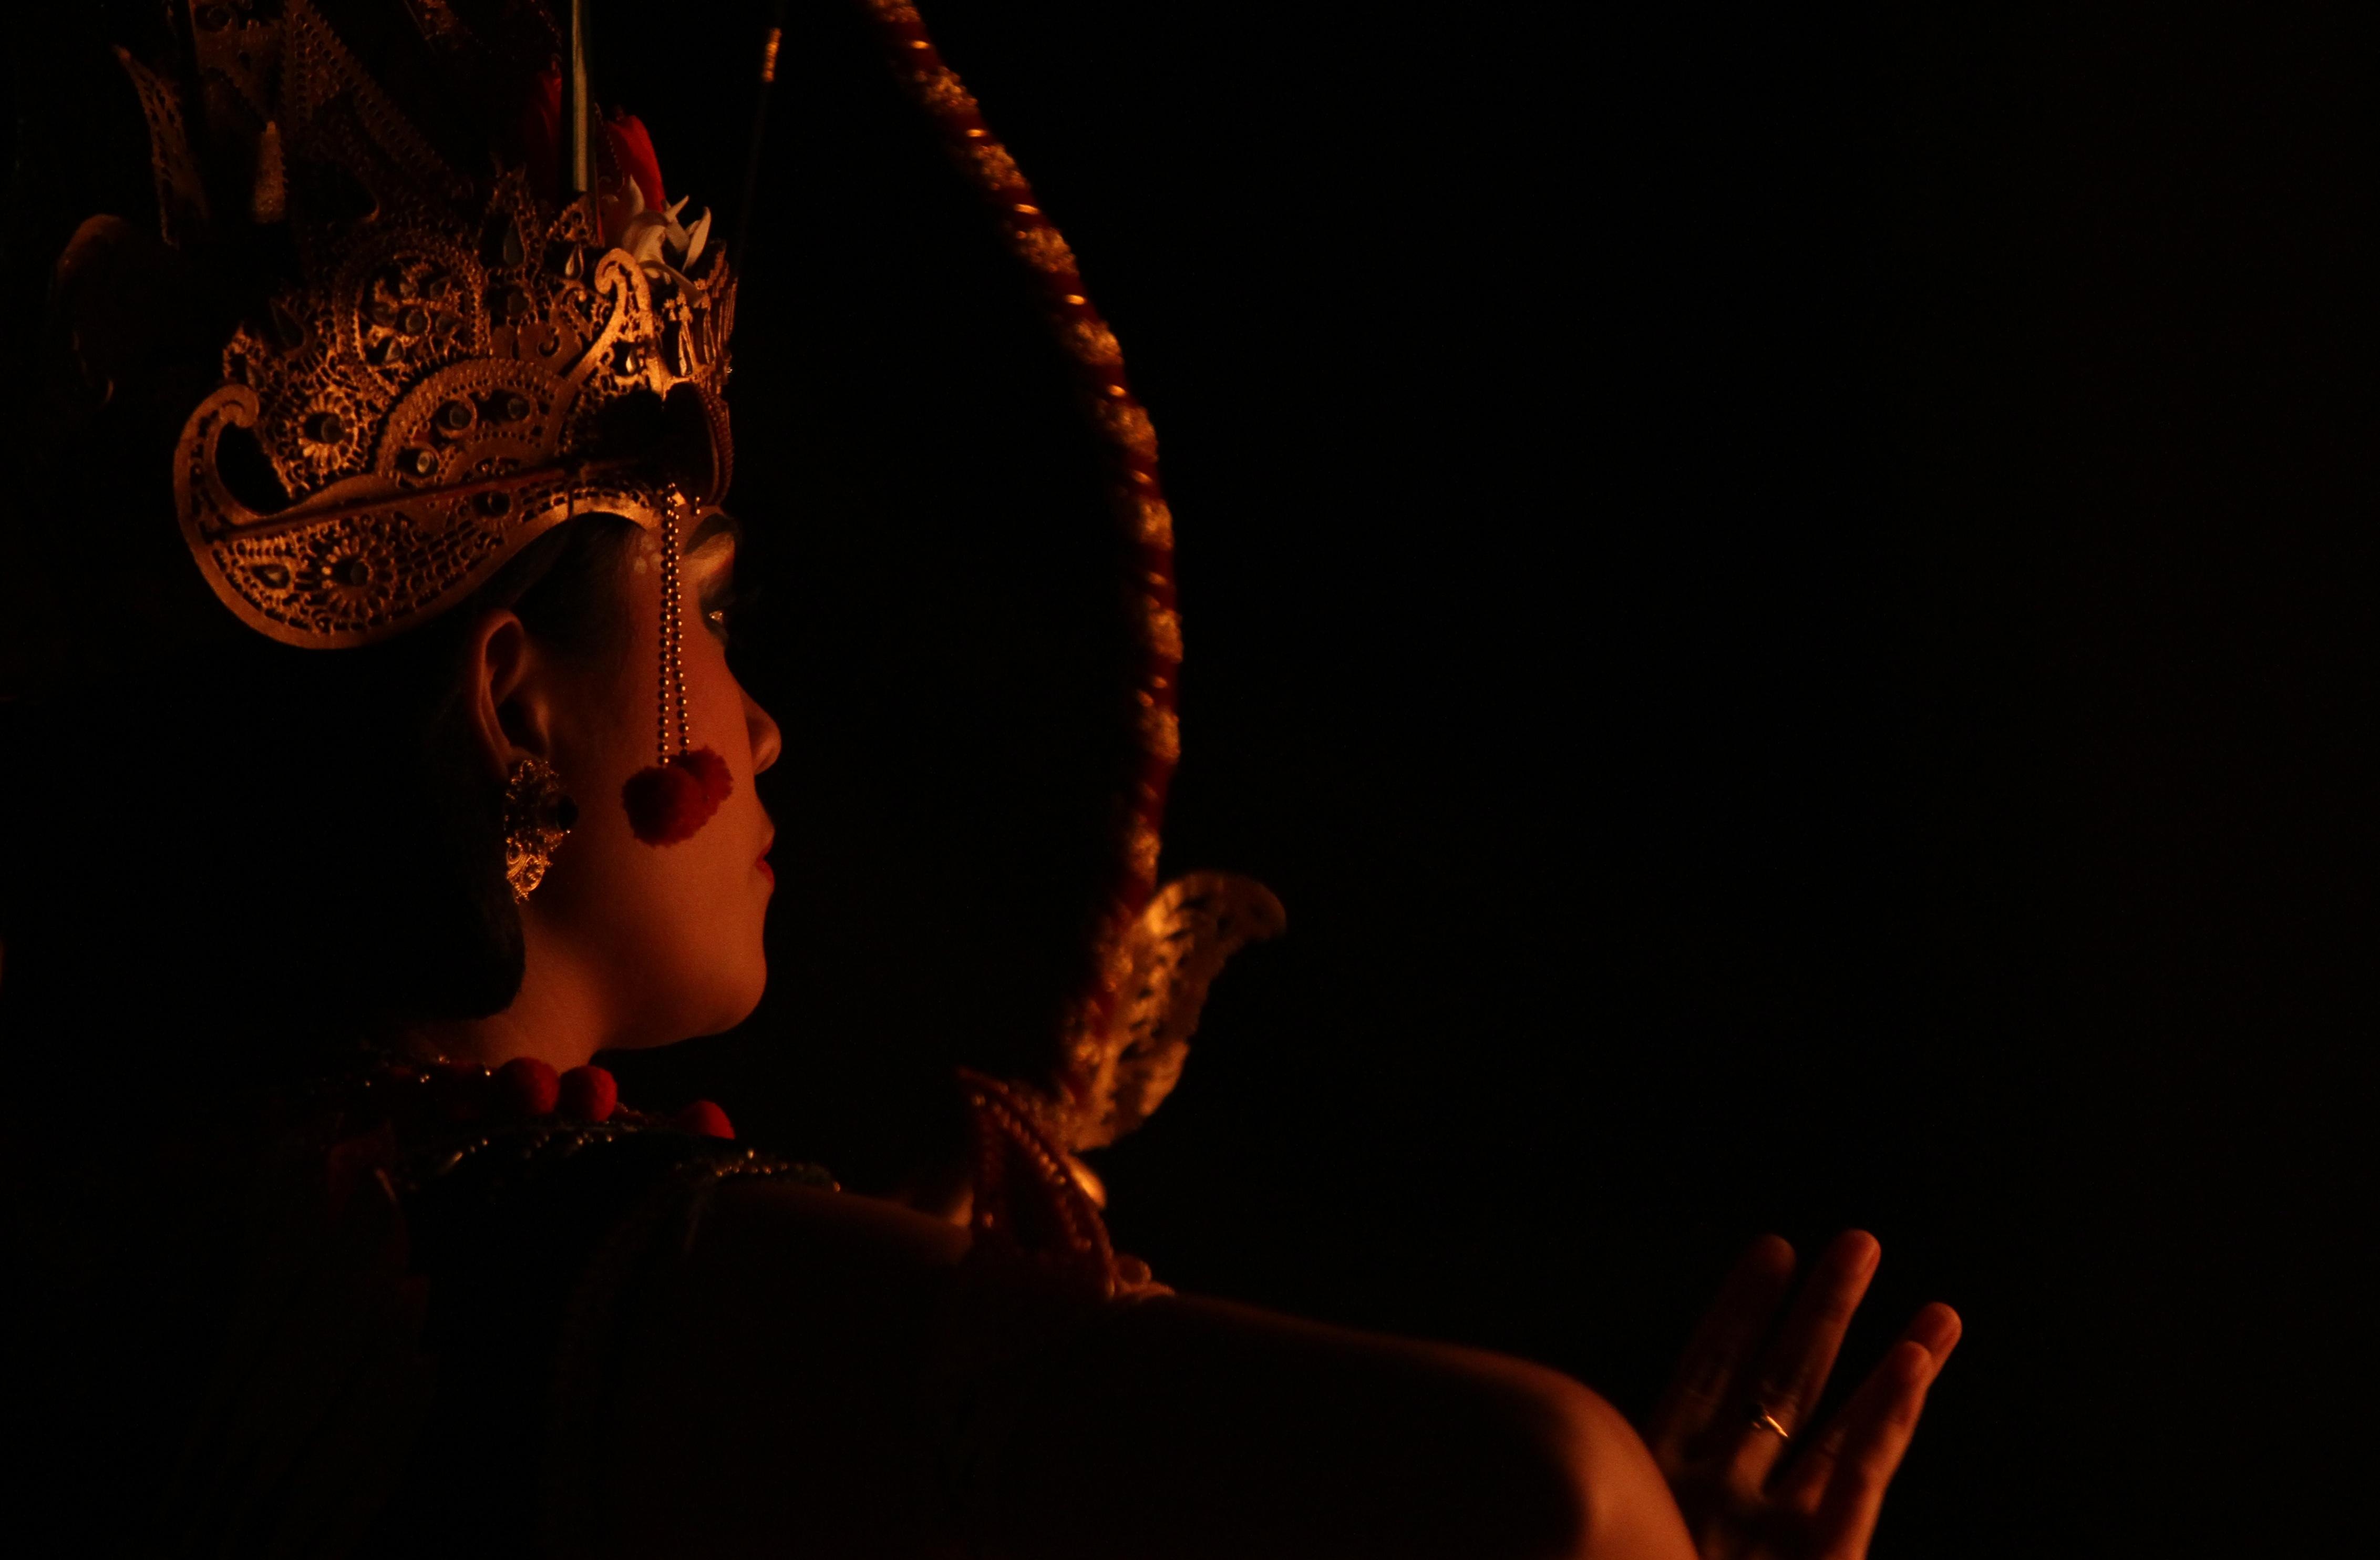 Bali_Dancer_1